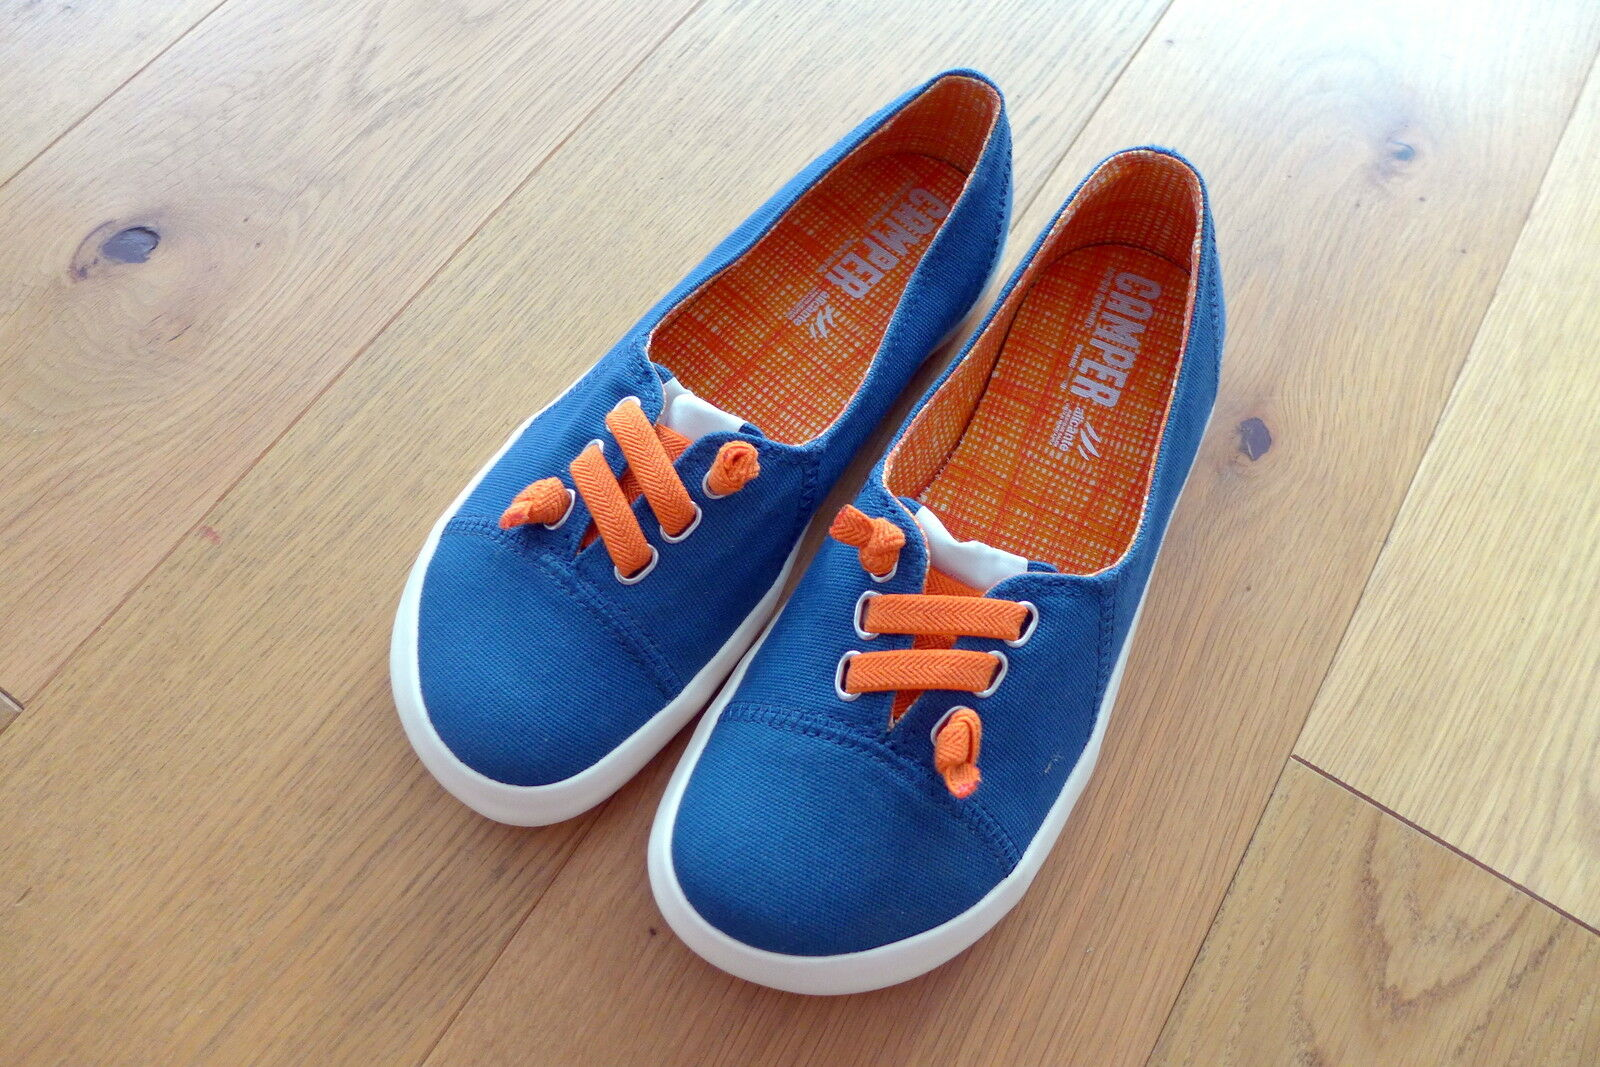 adidas ballerinas grau orange